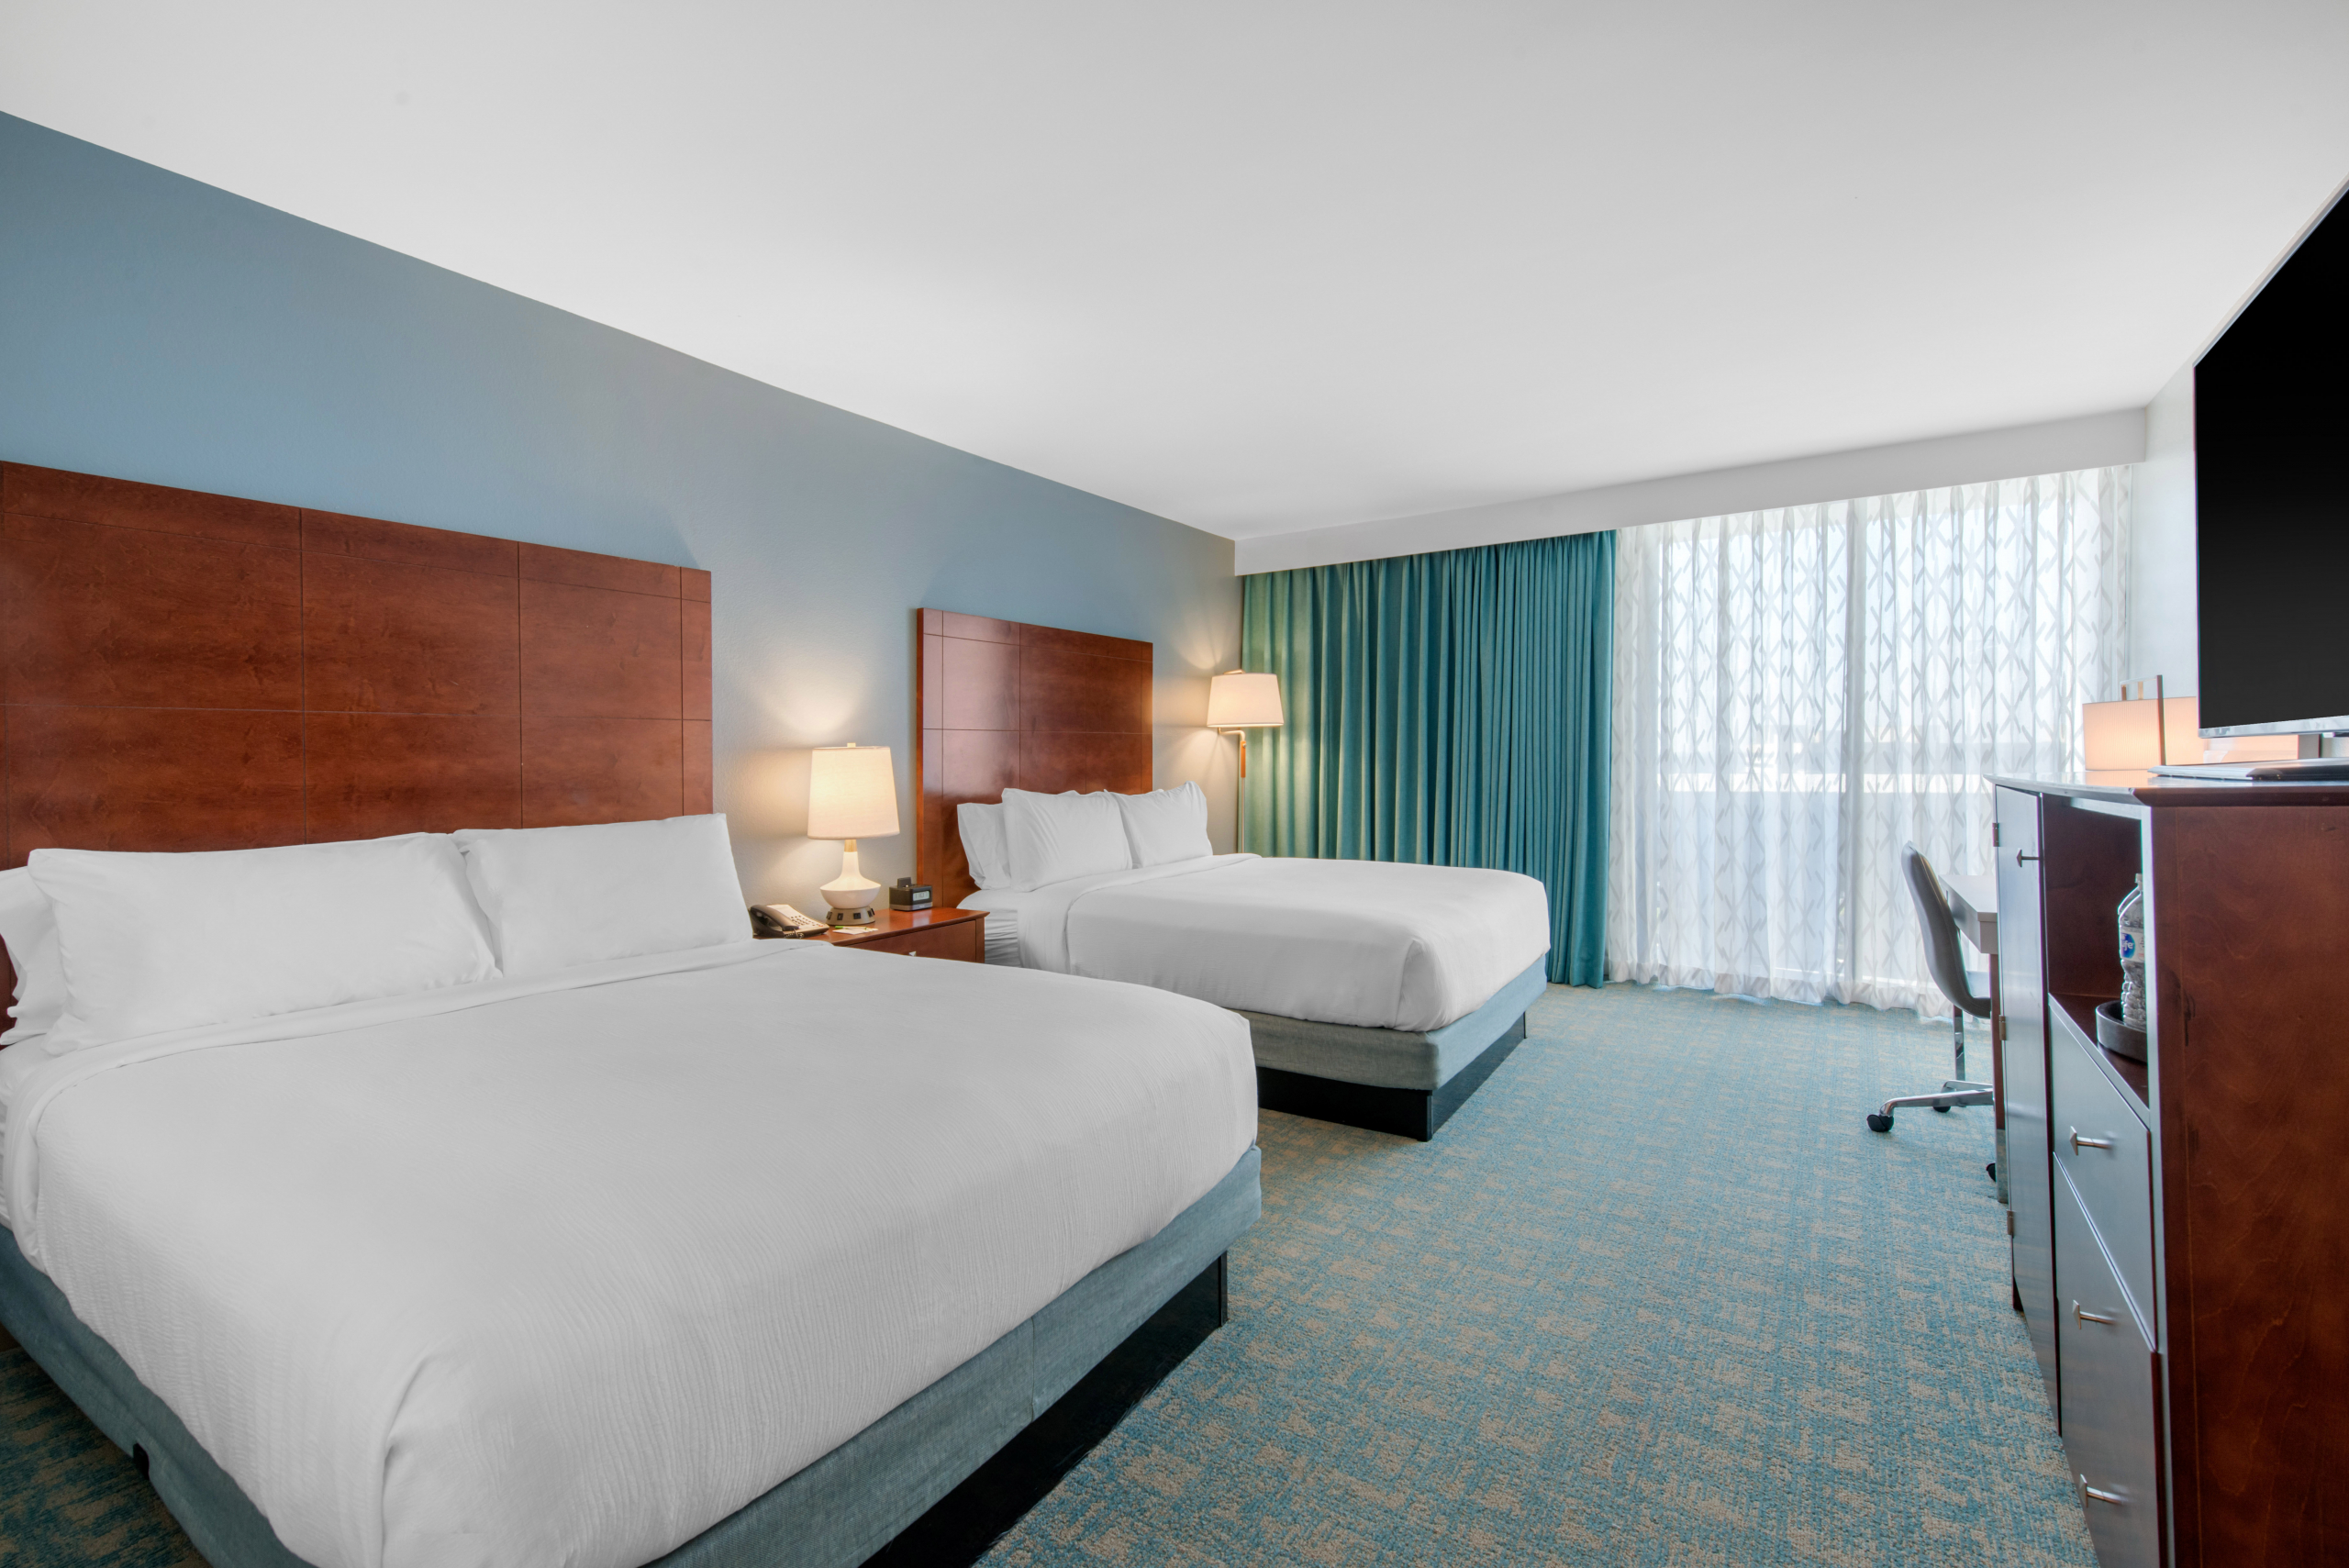 Holiday Inn Disney room